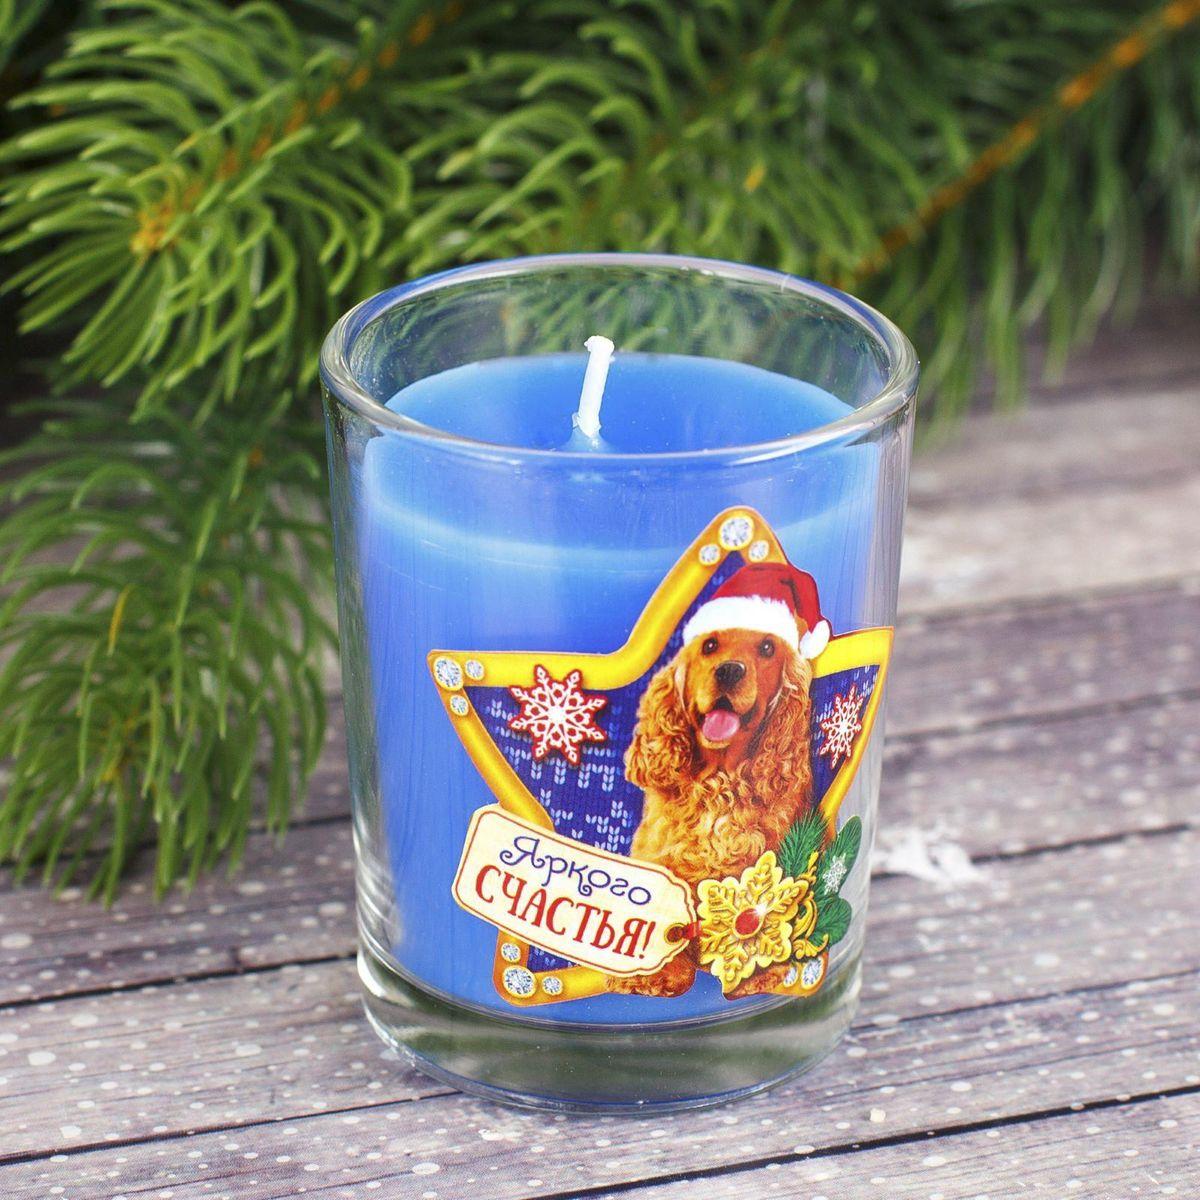 Свеча ароматизированная Sima-land Яркого счастья, цвет: синий, высота 6,5 см2080Какой новогодний стол без свечей? Вместе с мандаринами, шампанским и еловыми ветвями они создадут сказочную атмосферу, а их притягательное пламя подарит ощущение уюта и тепла. А еще это отличная идея для подарка! Свеча ароматизированная в стакане Sima-land оградит от невзгод и поможет во всех начинаниях в будущем году. Каждому хозяину периодически приходит мысль обновить свою квартиру, сделать ремонт, перестановку или кардинально поменять внешний вид каждой комнаты. Свеча ароматизированная в стакане Sima-land - привлекательная деталь, которая поможет воплотить вашу интерьерную идею, создать неповторимую атмосферу в вашем доме. Окружите себя приятными мелочами, пусть они радуют глаз и дарят гармонию. Ароматизированная свеча Sima-land несет в себе волшебство и красоту праздника. Такое украшение создаст в вашем доме атмосферу праздника, веселья и радости.